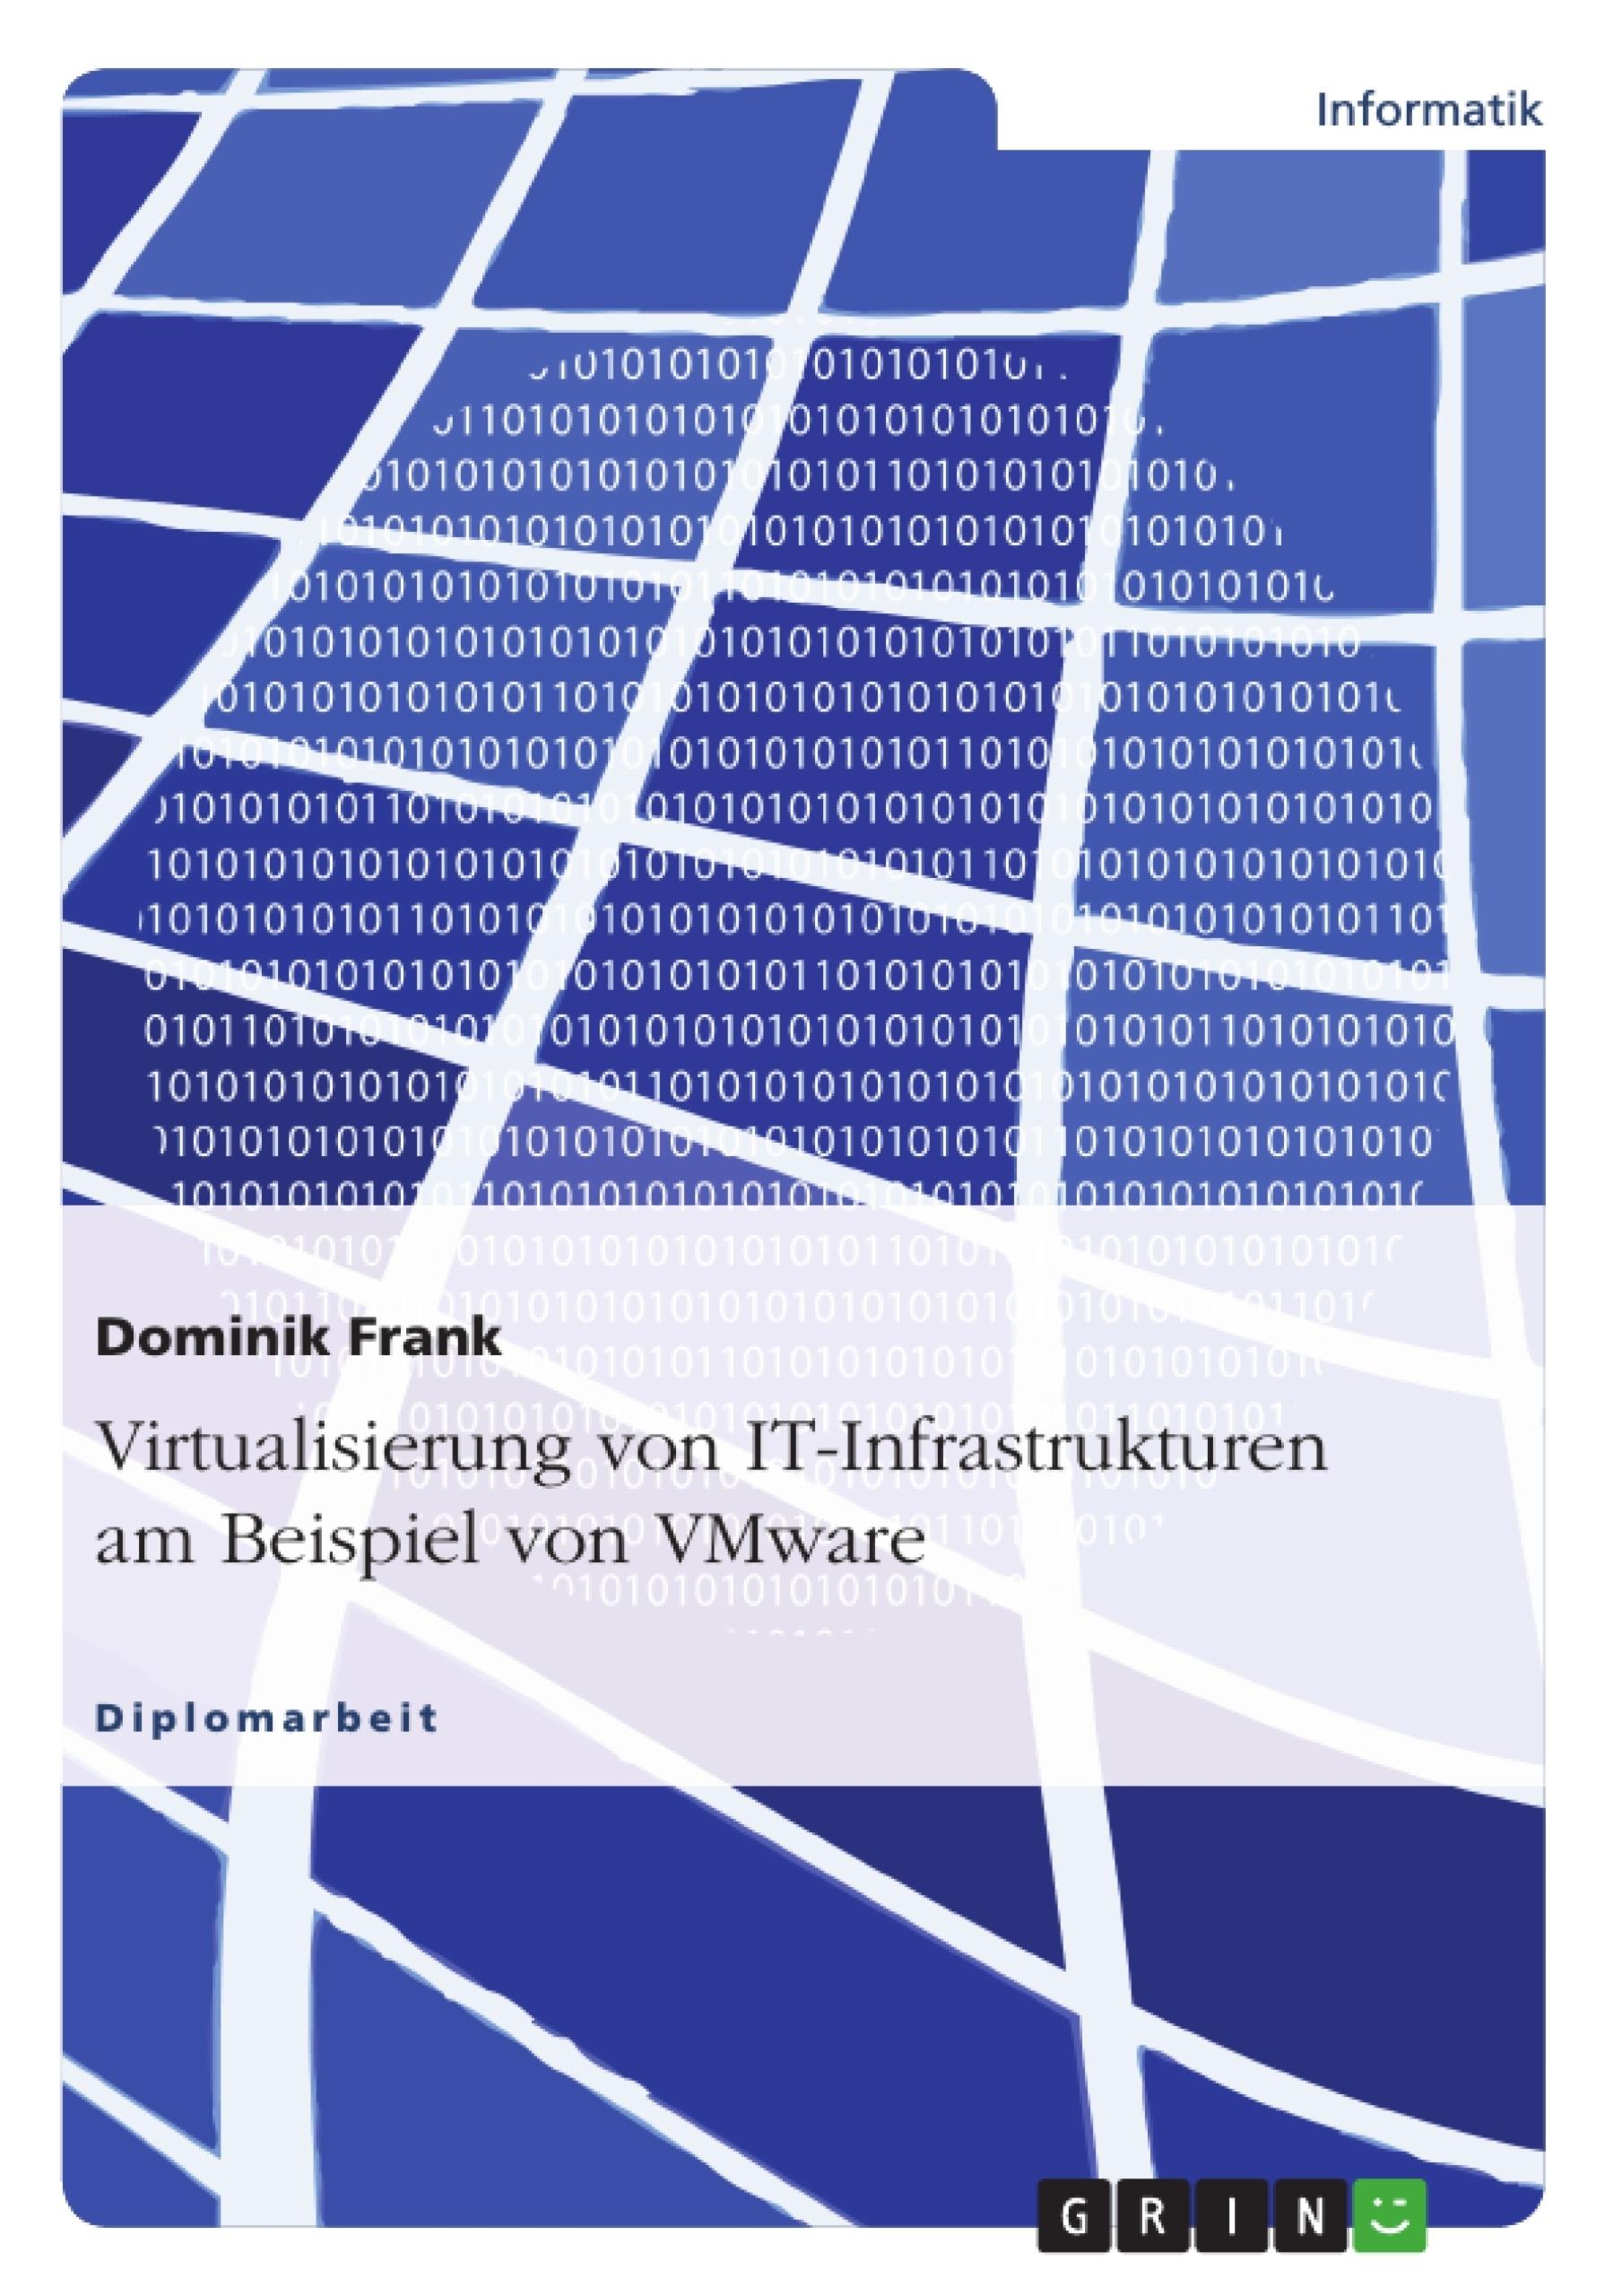 Titel: Virtualisierung von IT-Infrastrukturen am Beispiel von VMware